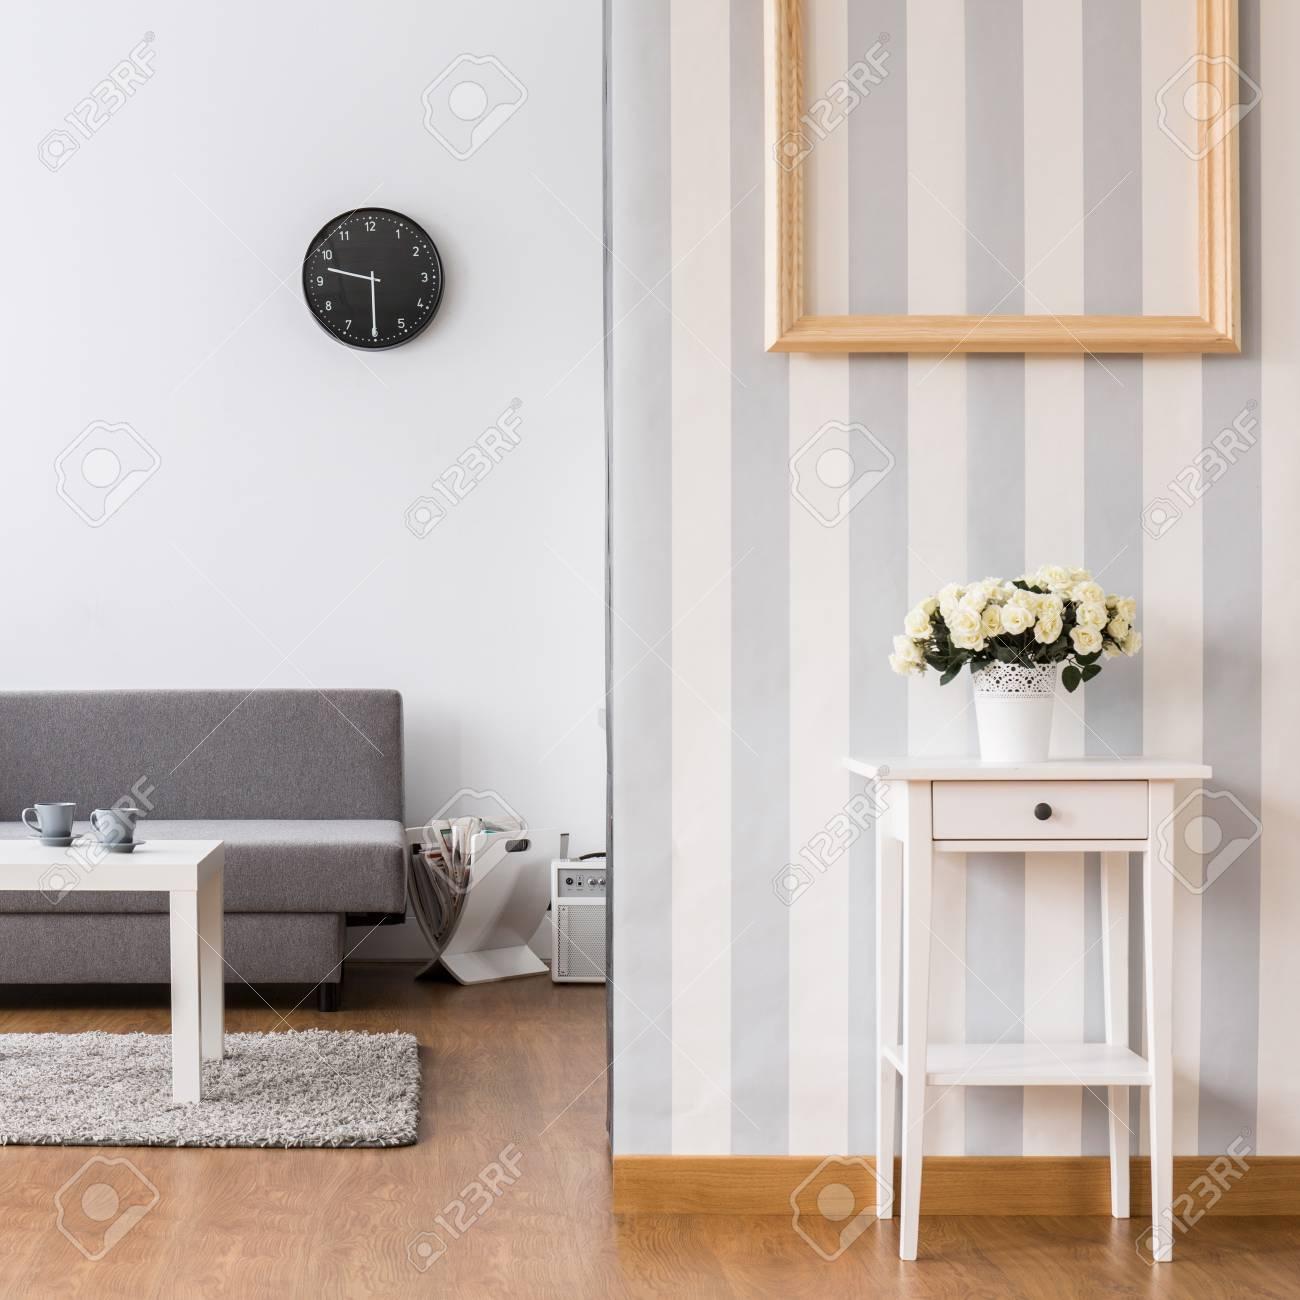 banque dimages lgant salon avec canap gris et petite table basse intrieur lumineux avec revtement de sol et papier peint dcoratif